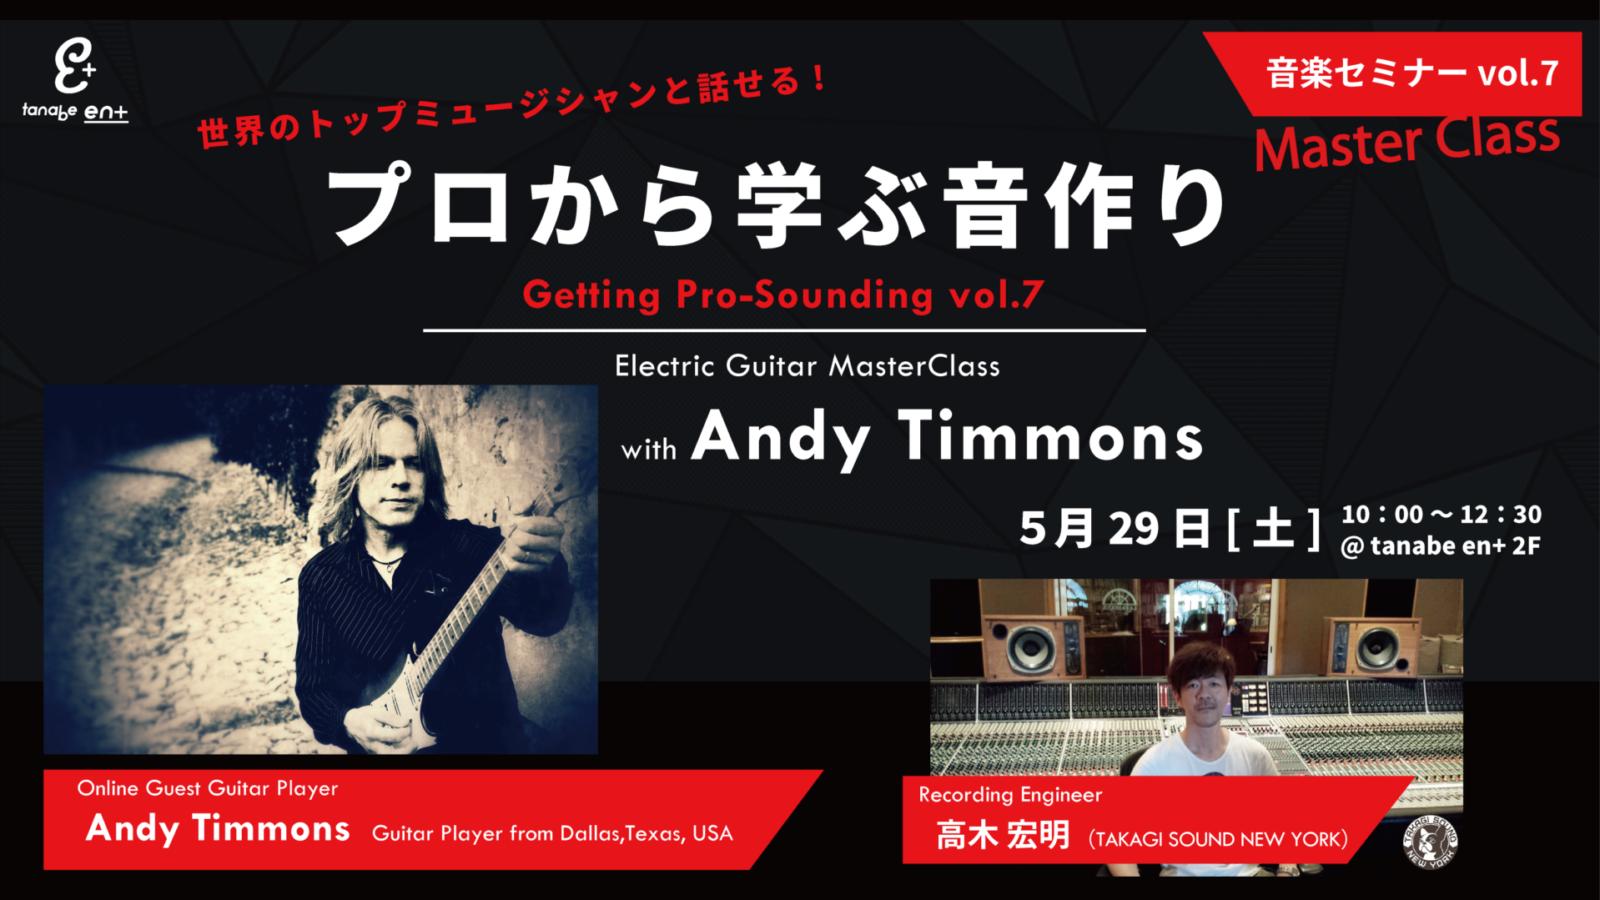 音楽セミナーvol.7『プロから学ぶ音作り』 with Andy Timmons